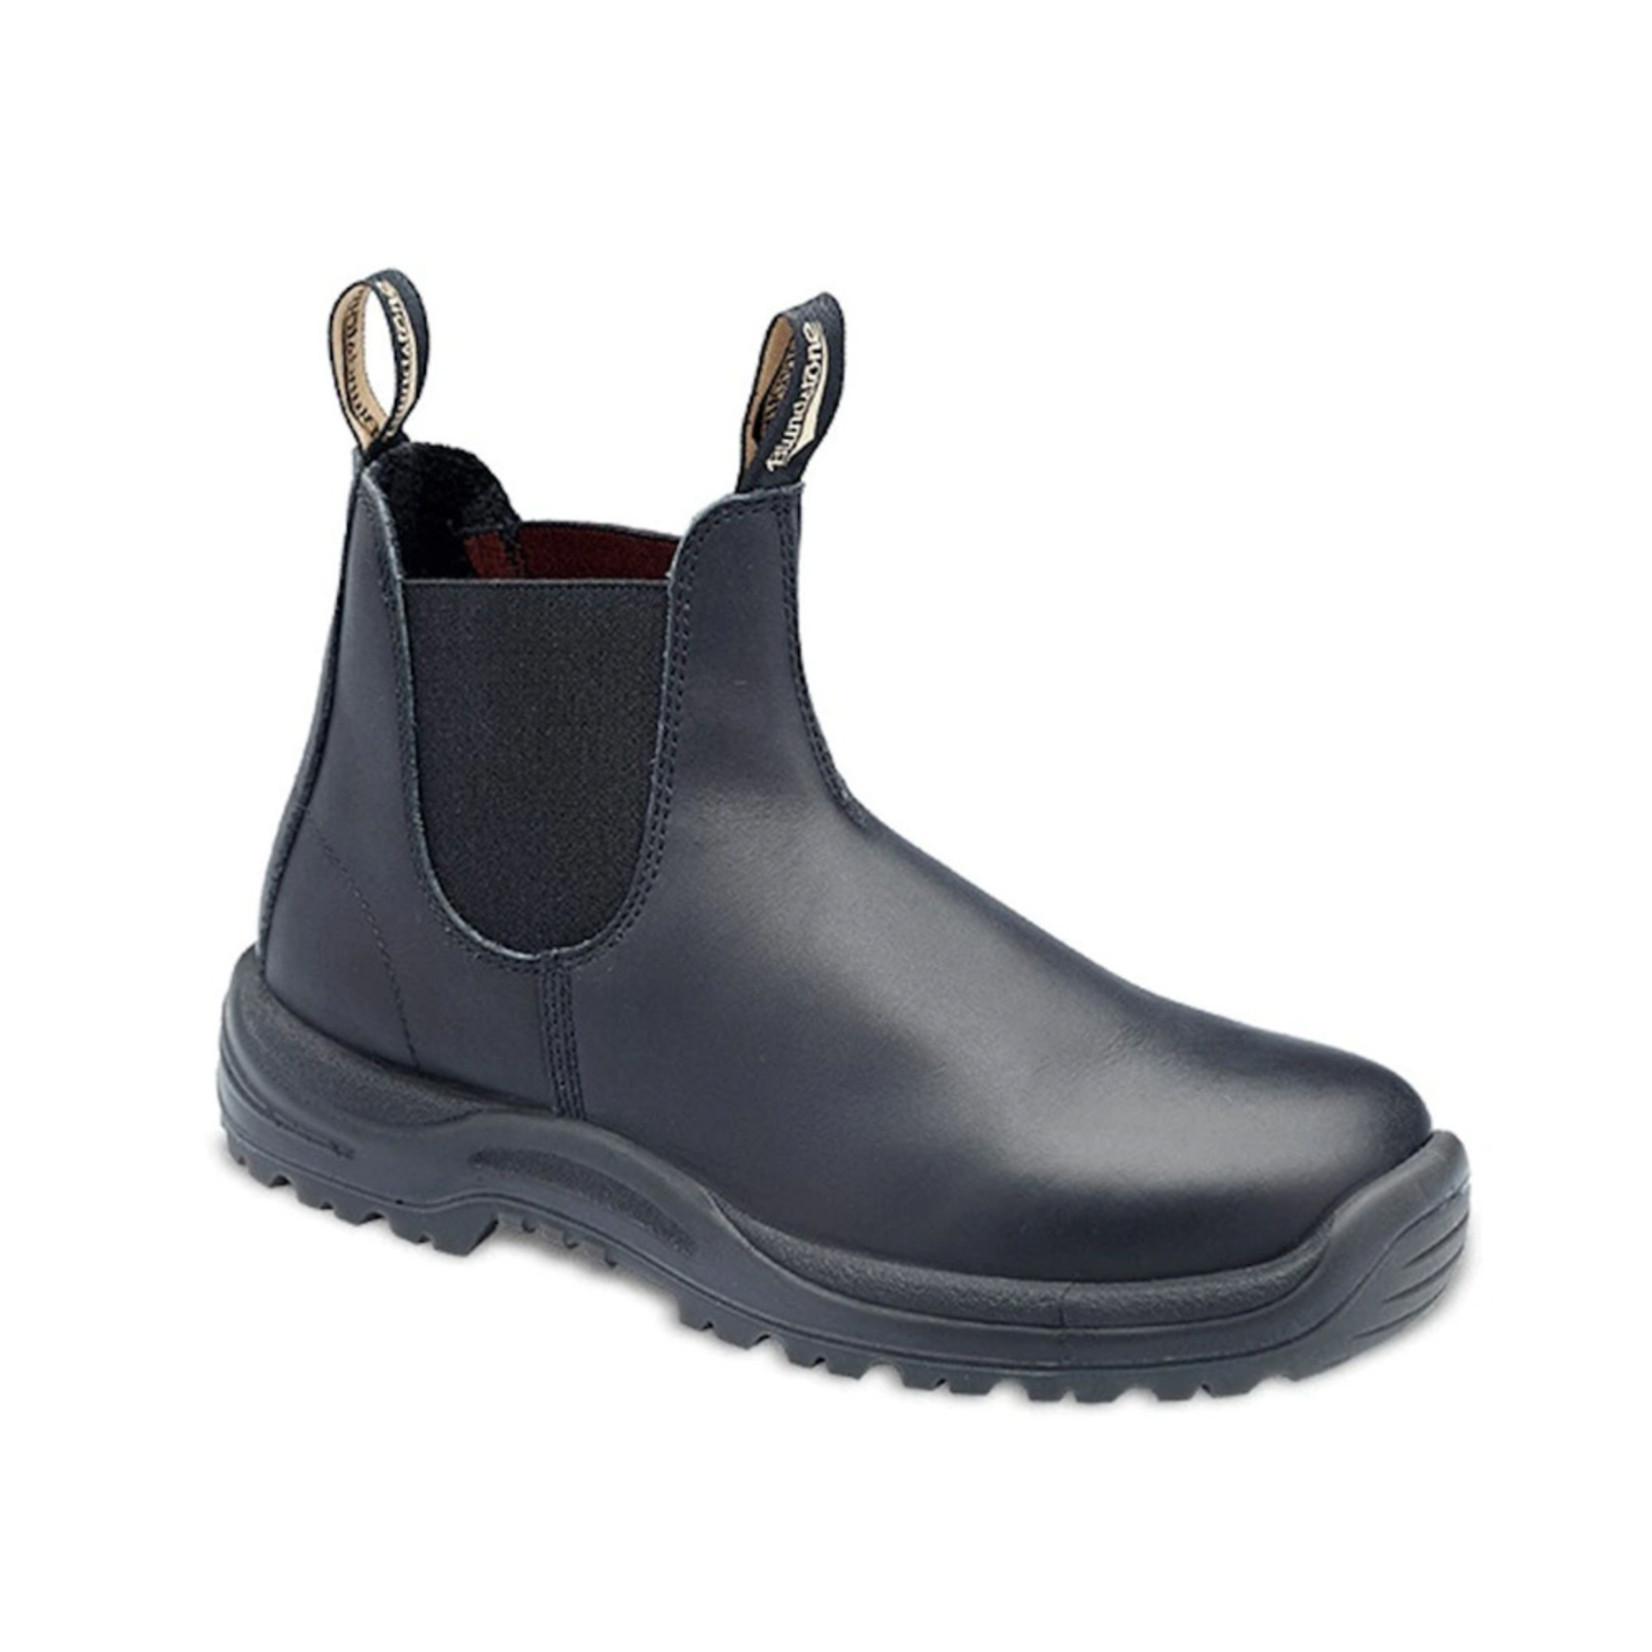 Blundstone Blundstone Steel Toe Black 179